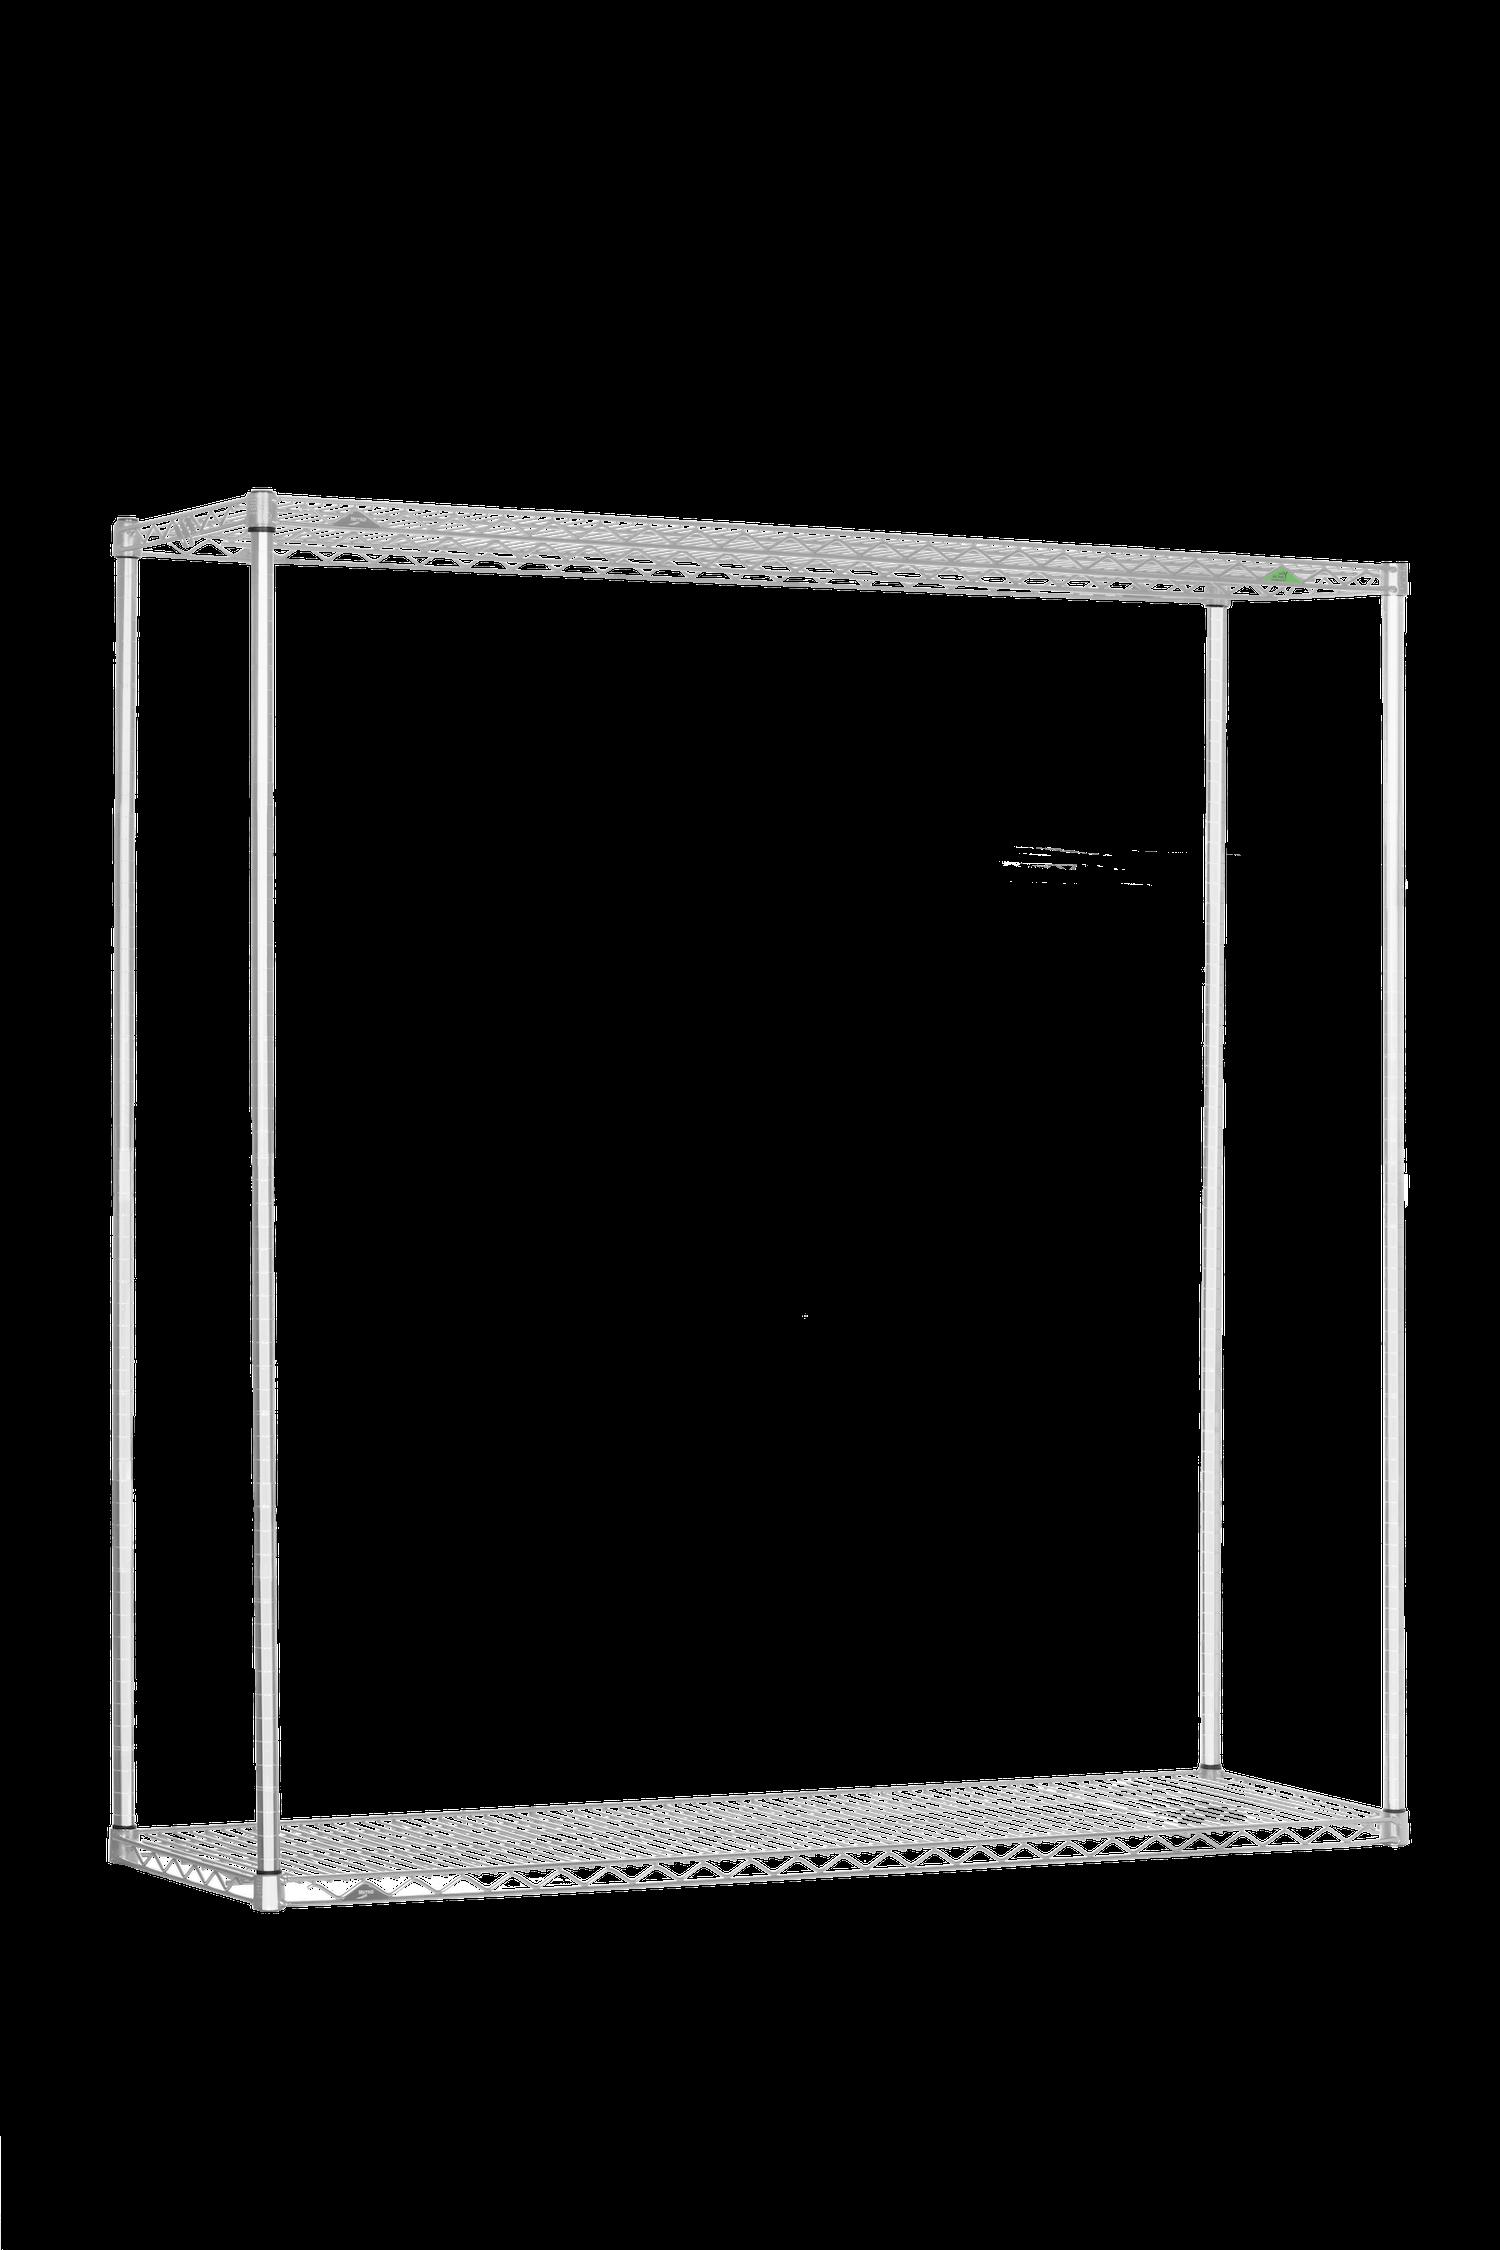 610x610mm, 24x24 inch